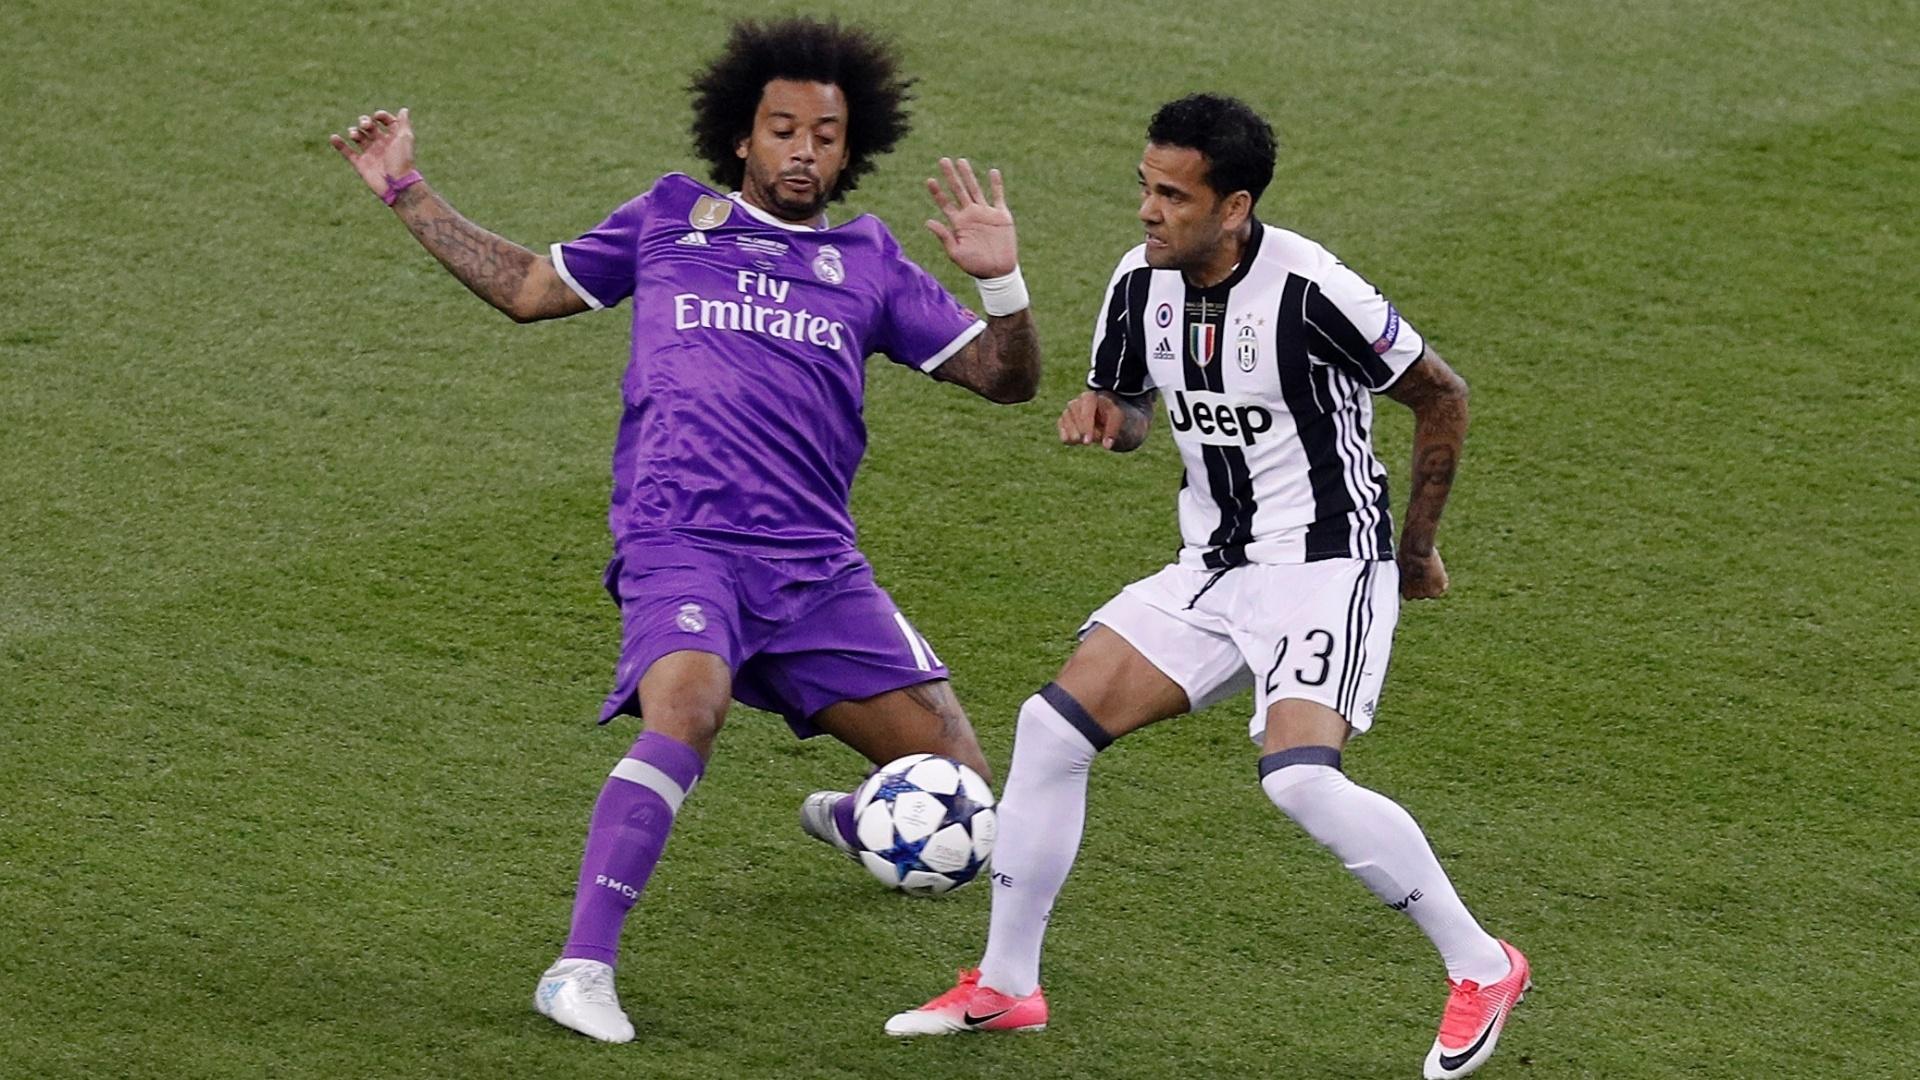 Daniel Alves e Marcelo, laterais da seleção, jogam a final da Liga dos Campeões entre Juventus e Real Madrid